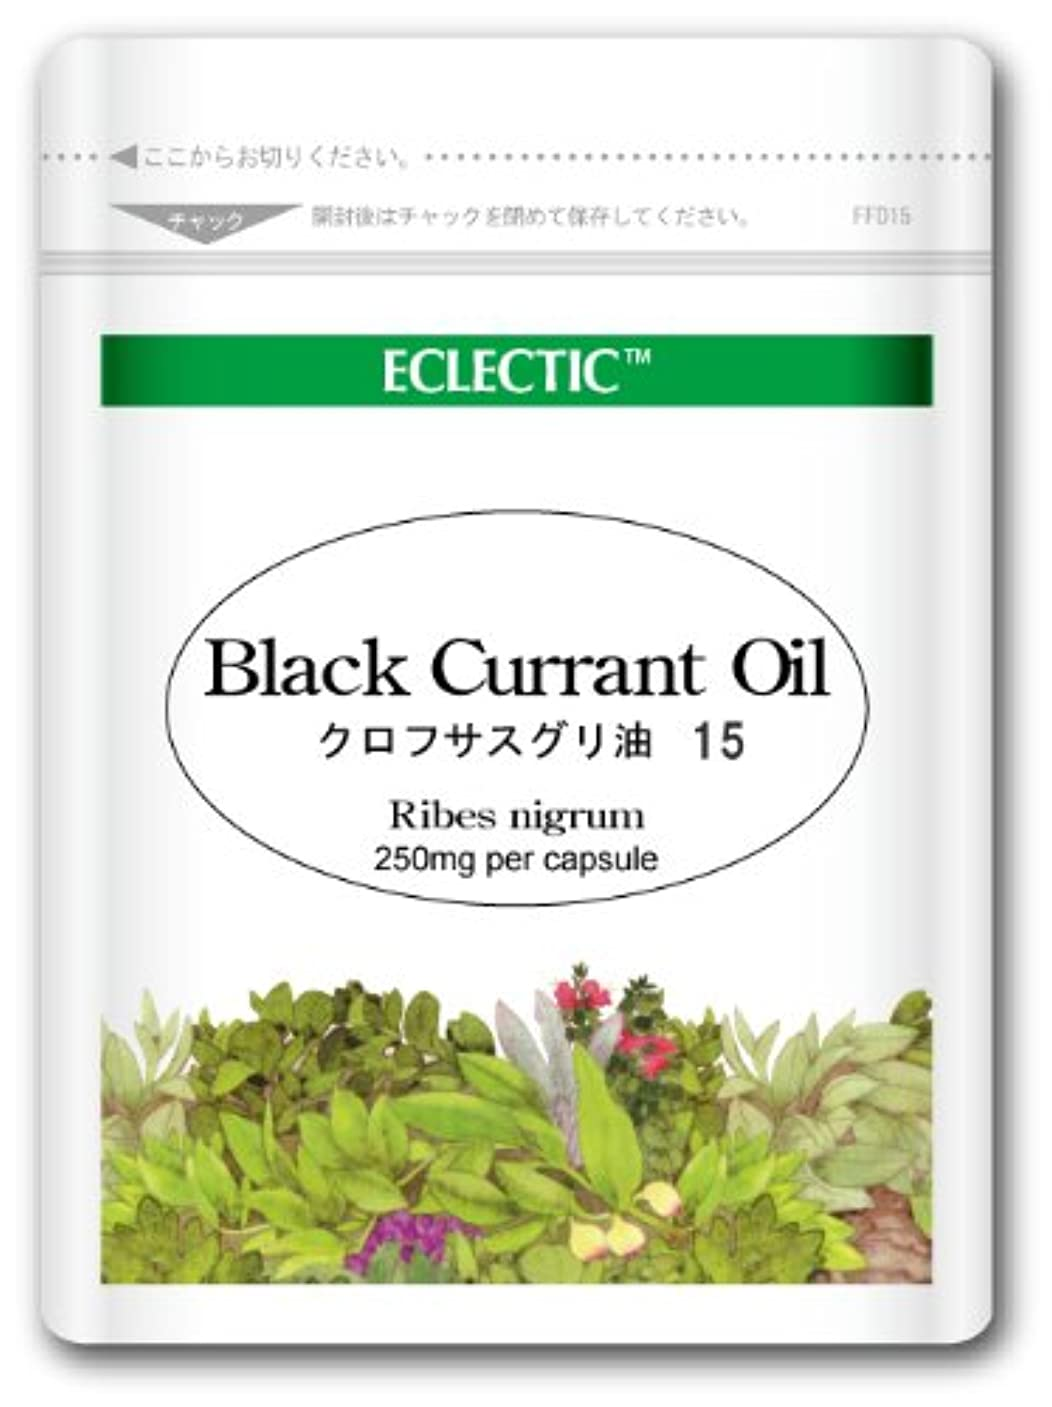 掻く首尾一貫した煙突【クロフサスグリ油 (Black Currant Oil) オイル 250mg 15カプセル Ecoパック / エクレクティック】